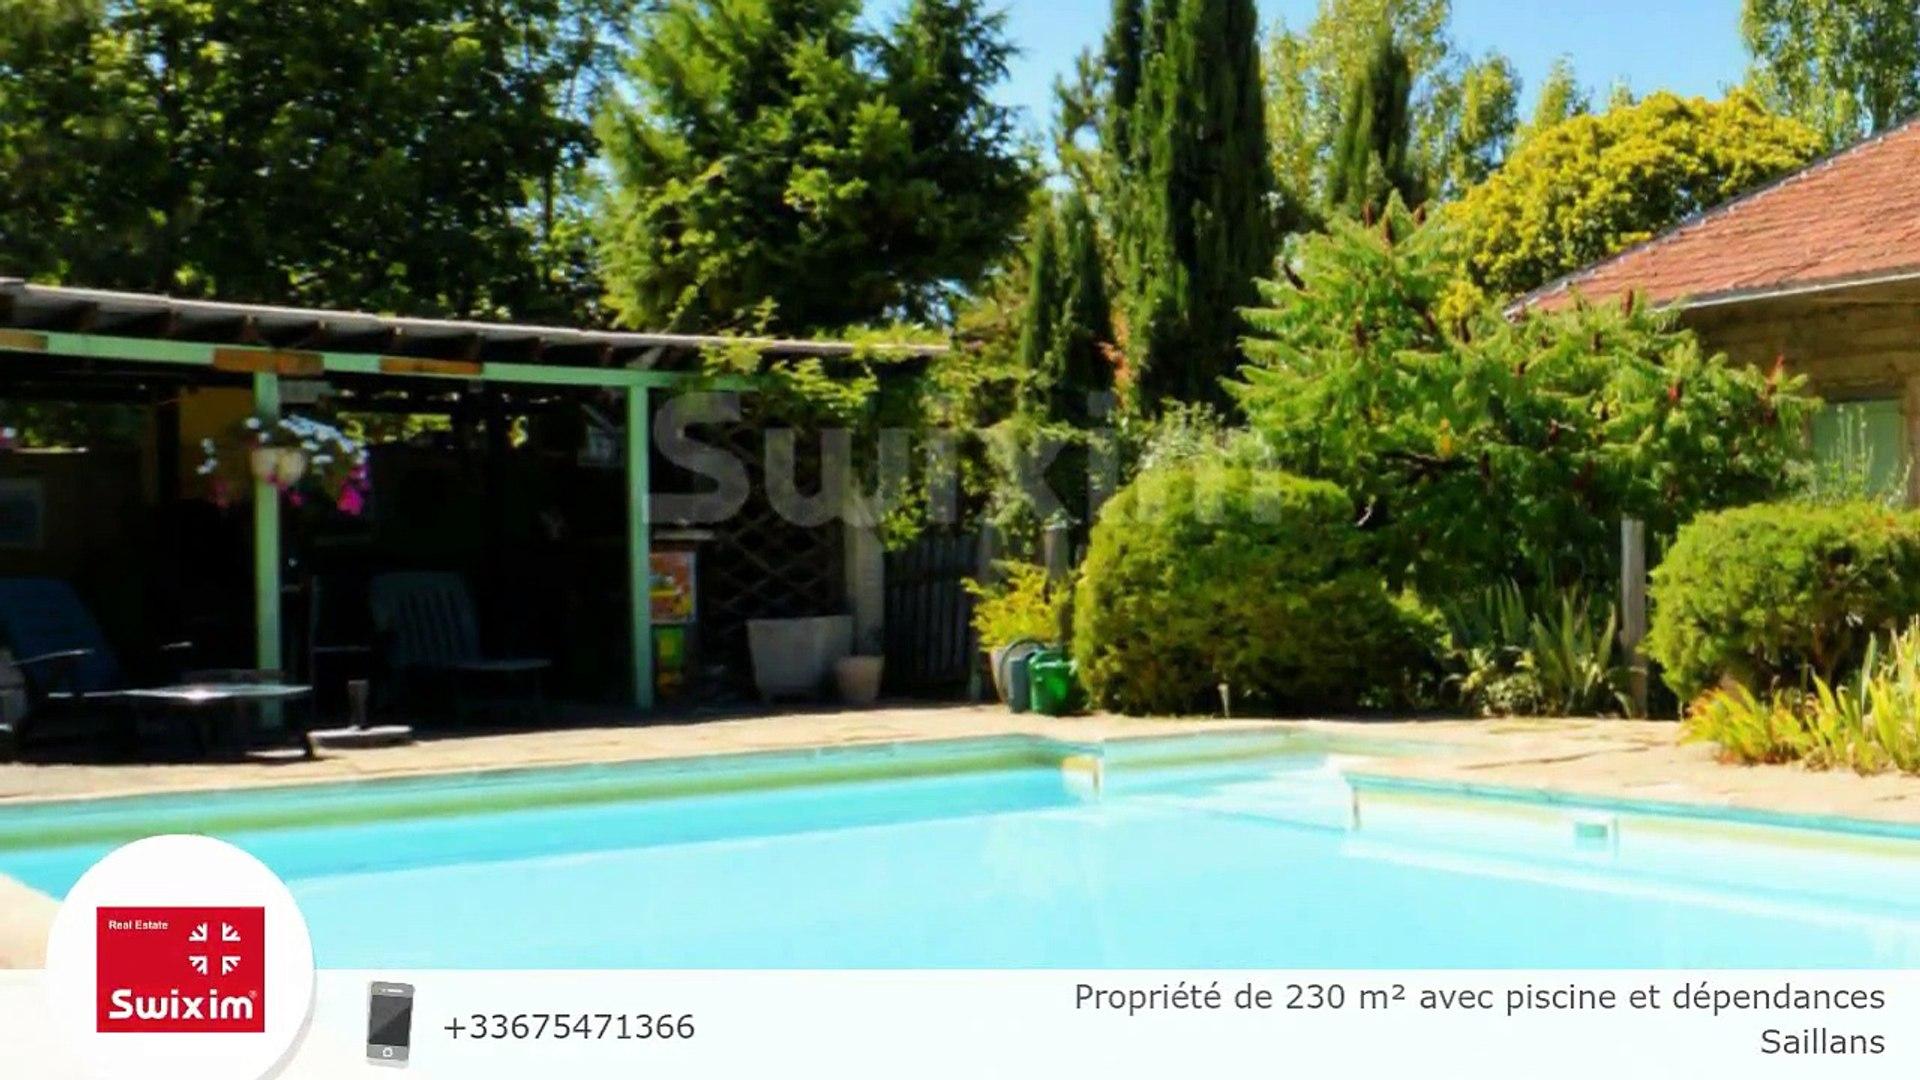 Propriété de 230 m² avec piscine et dépendances